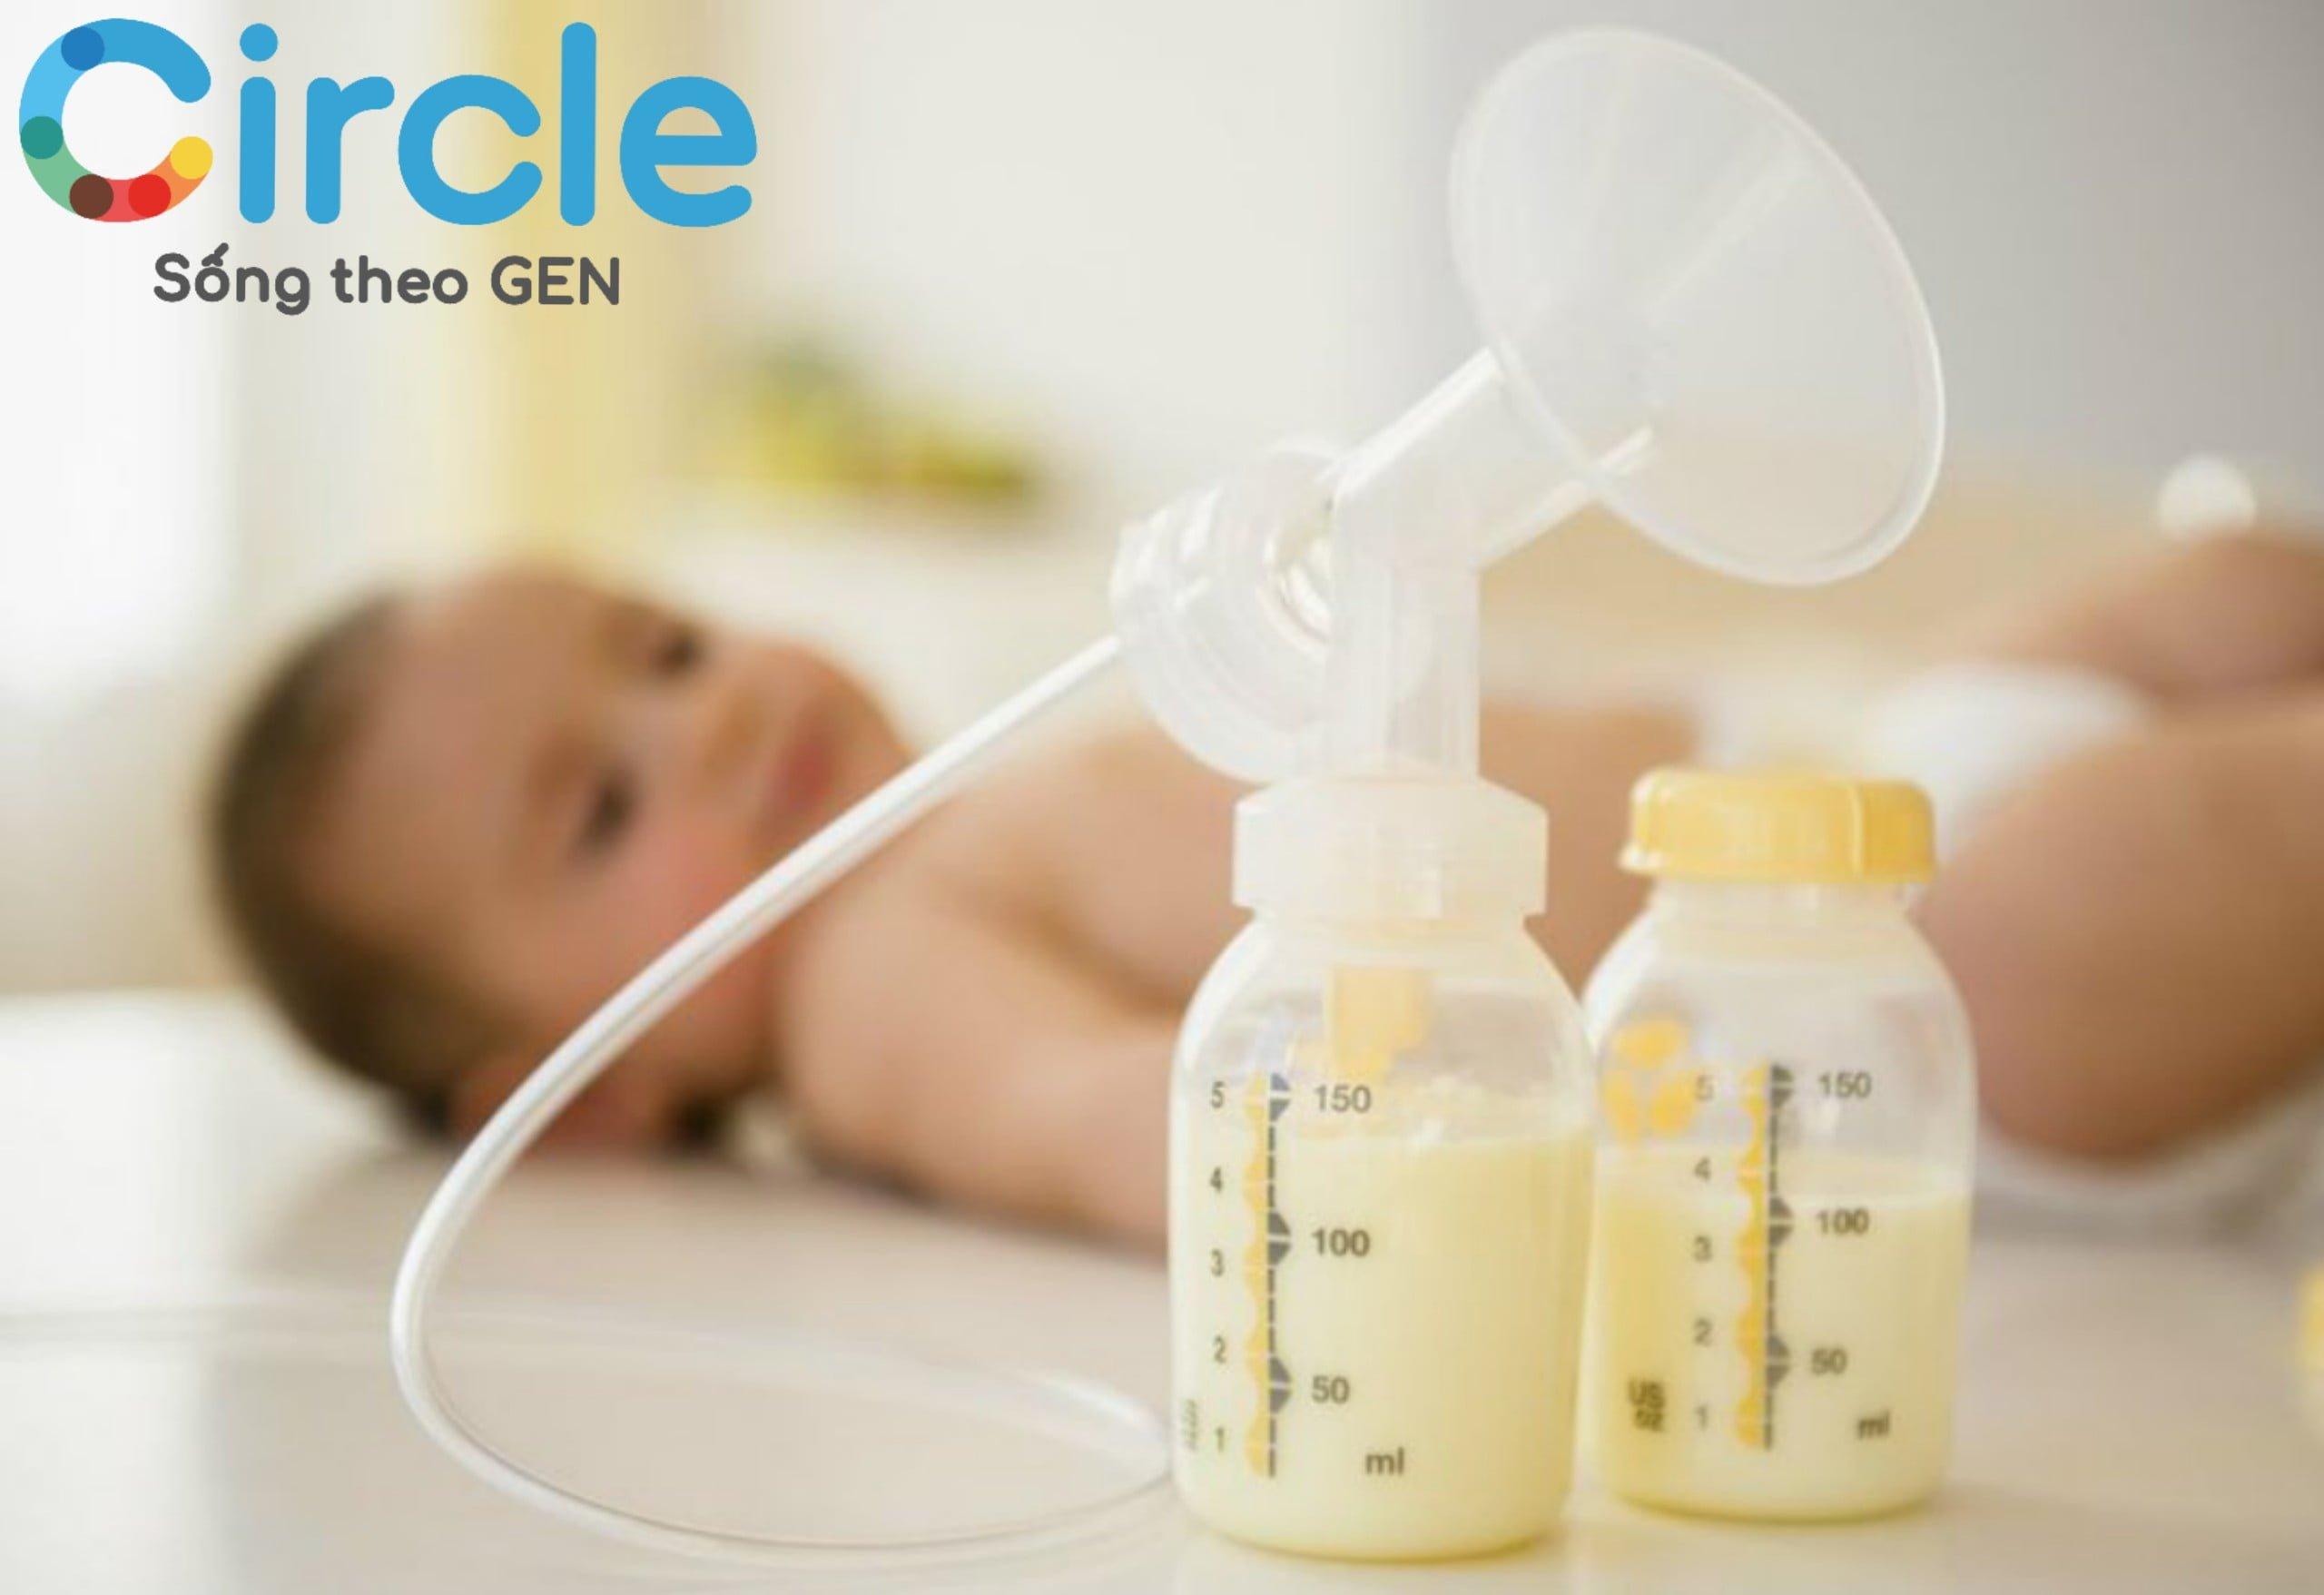 Sữa mẹ vẫn là nguồn dinh dưỡng chính cho trẻ trong giai đoạn 0-12 tháng tuổi.